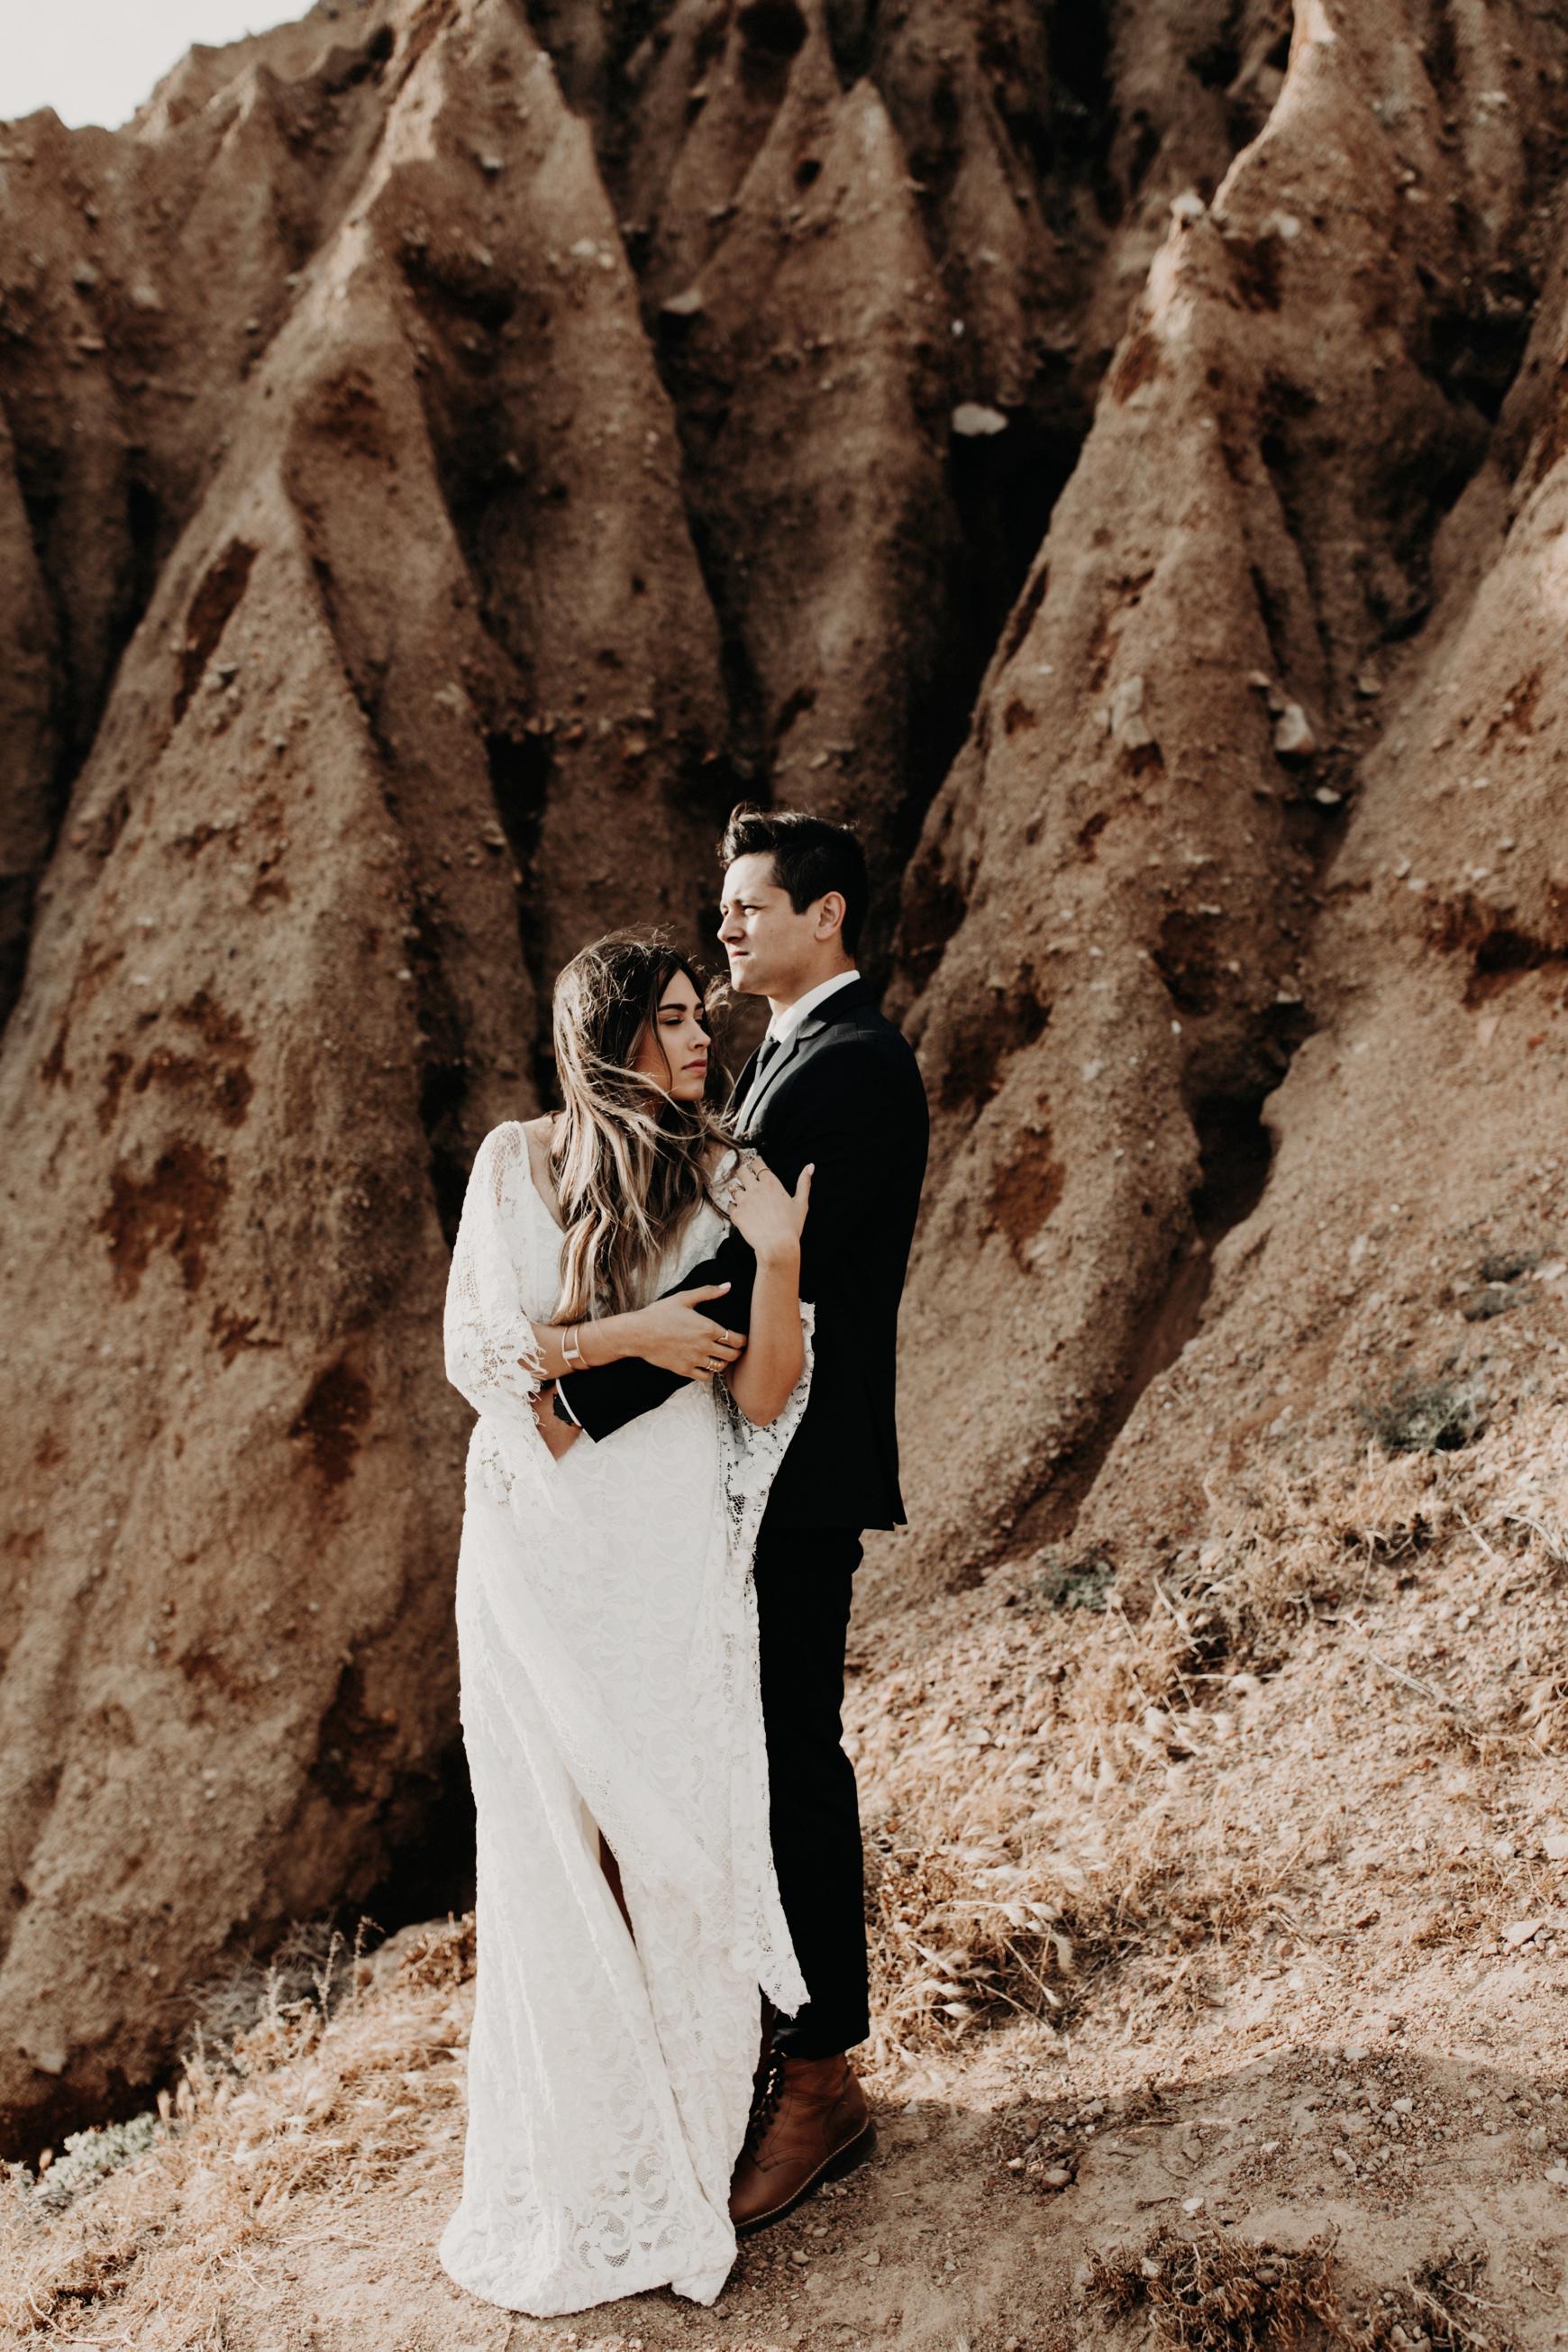 El Matador Beach Bridal Portraits Justellen & TJ Emily Magers Photography-133Emily Magers Photography.jpg